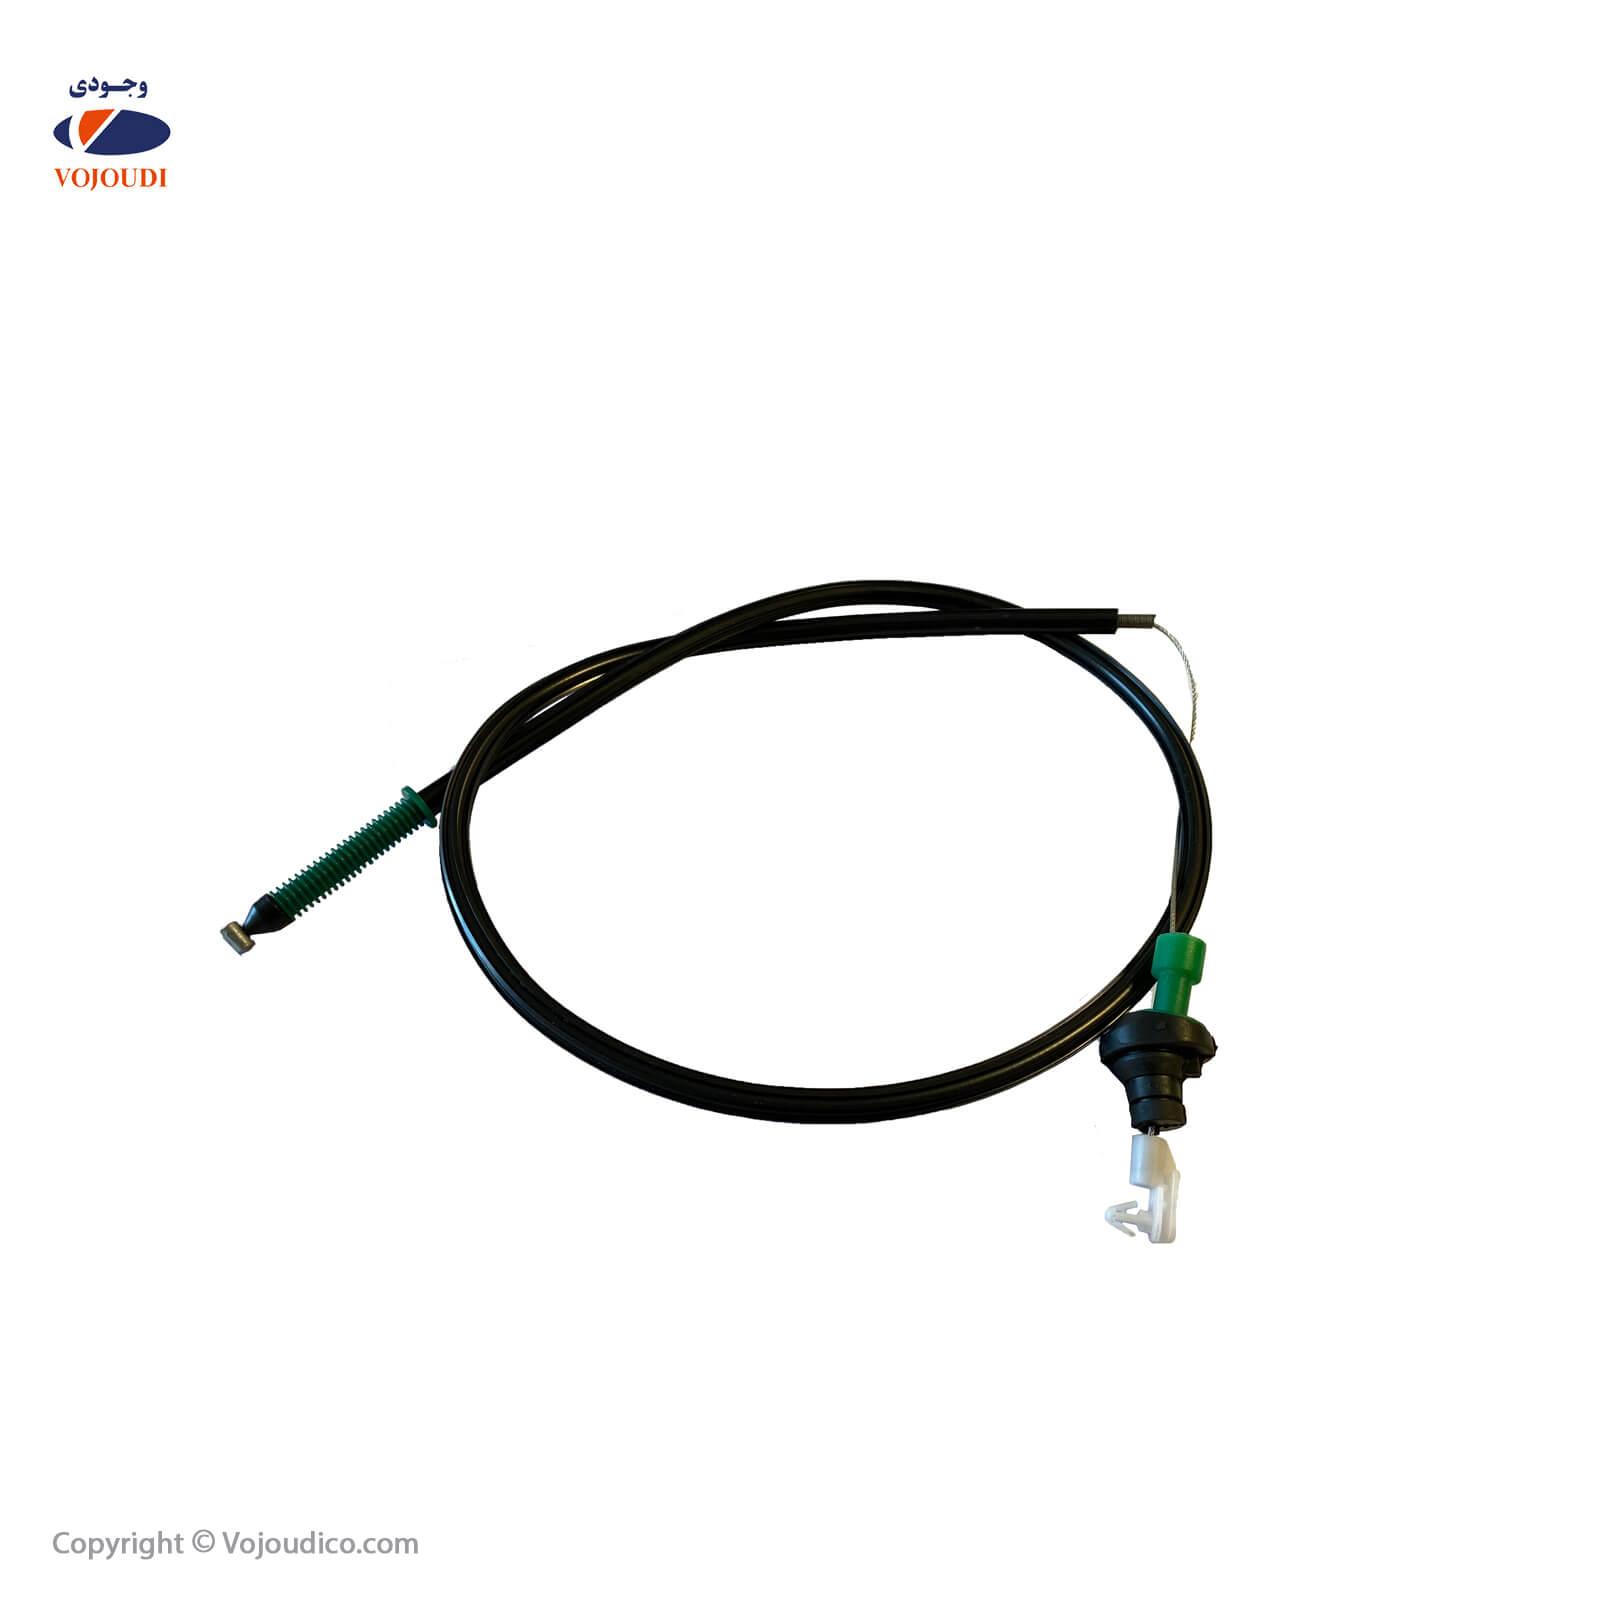 31110 1 - کابل گاز کاربراتوری وجودی کد 31110 مناسب برای 405- 2000 ، تعداد بسته : 20 عدد